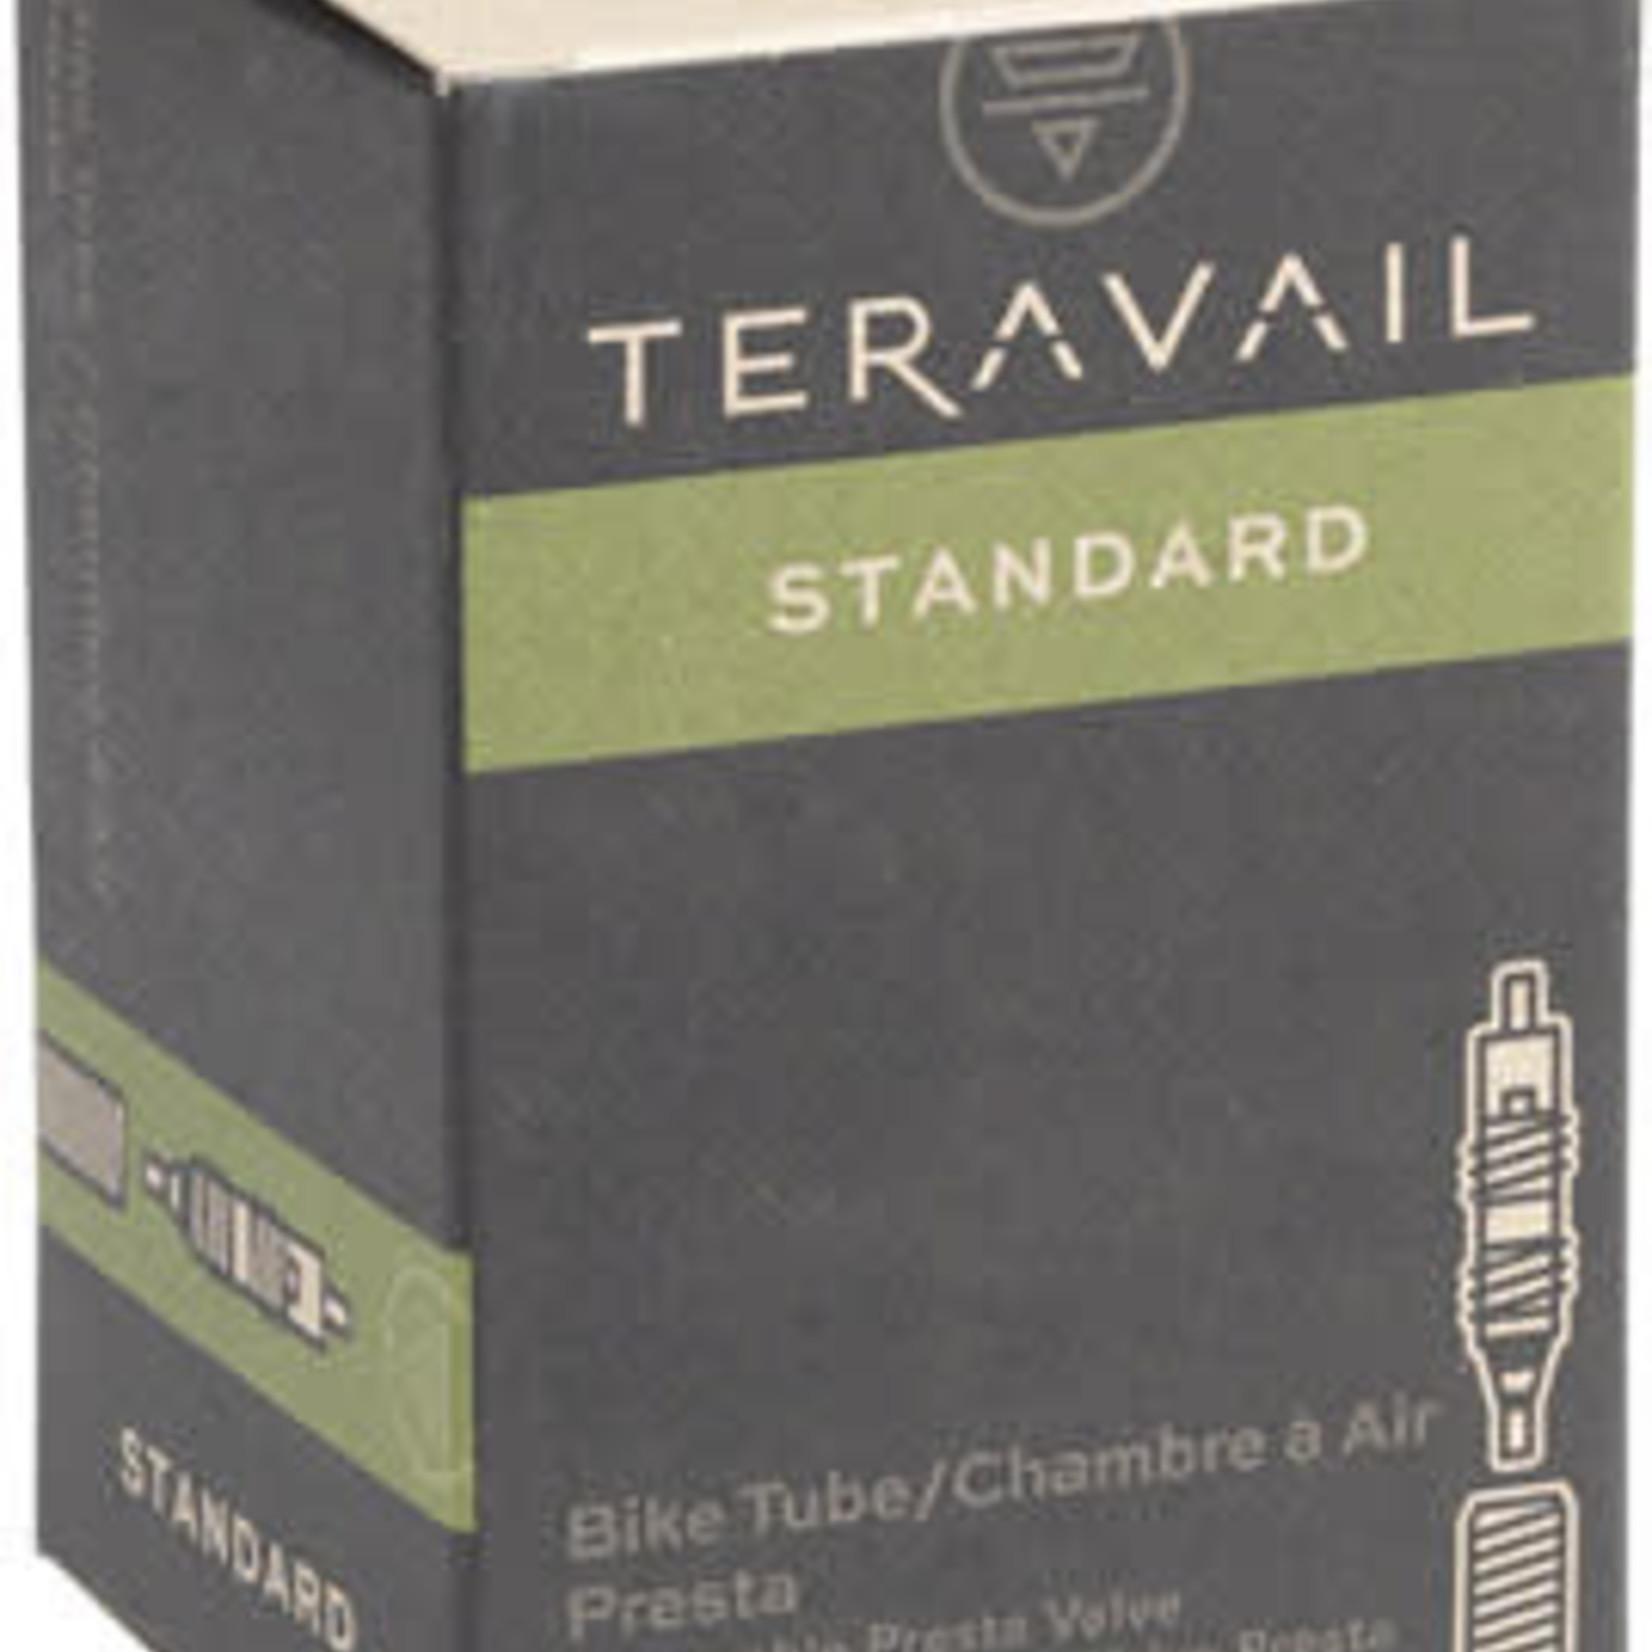 TUBE Q-Tubes / Teravail 650c x 18-23mm 48mm Presta Valve Tube 89g